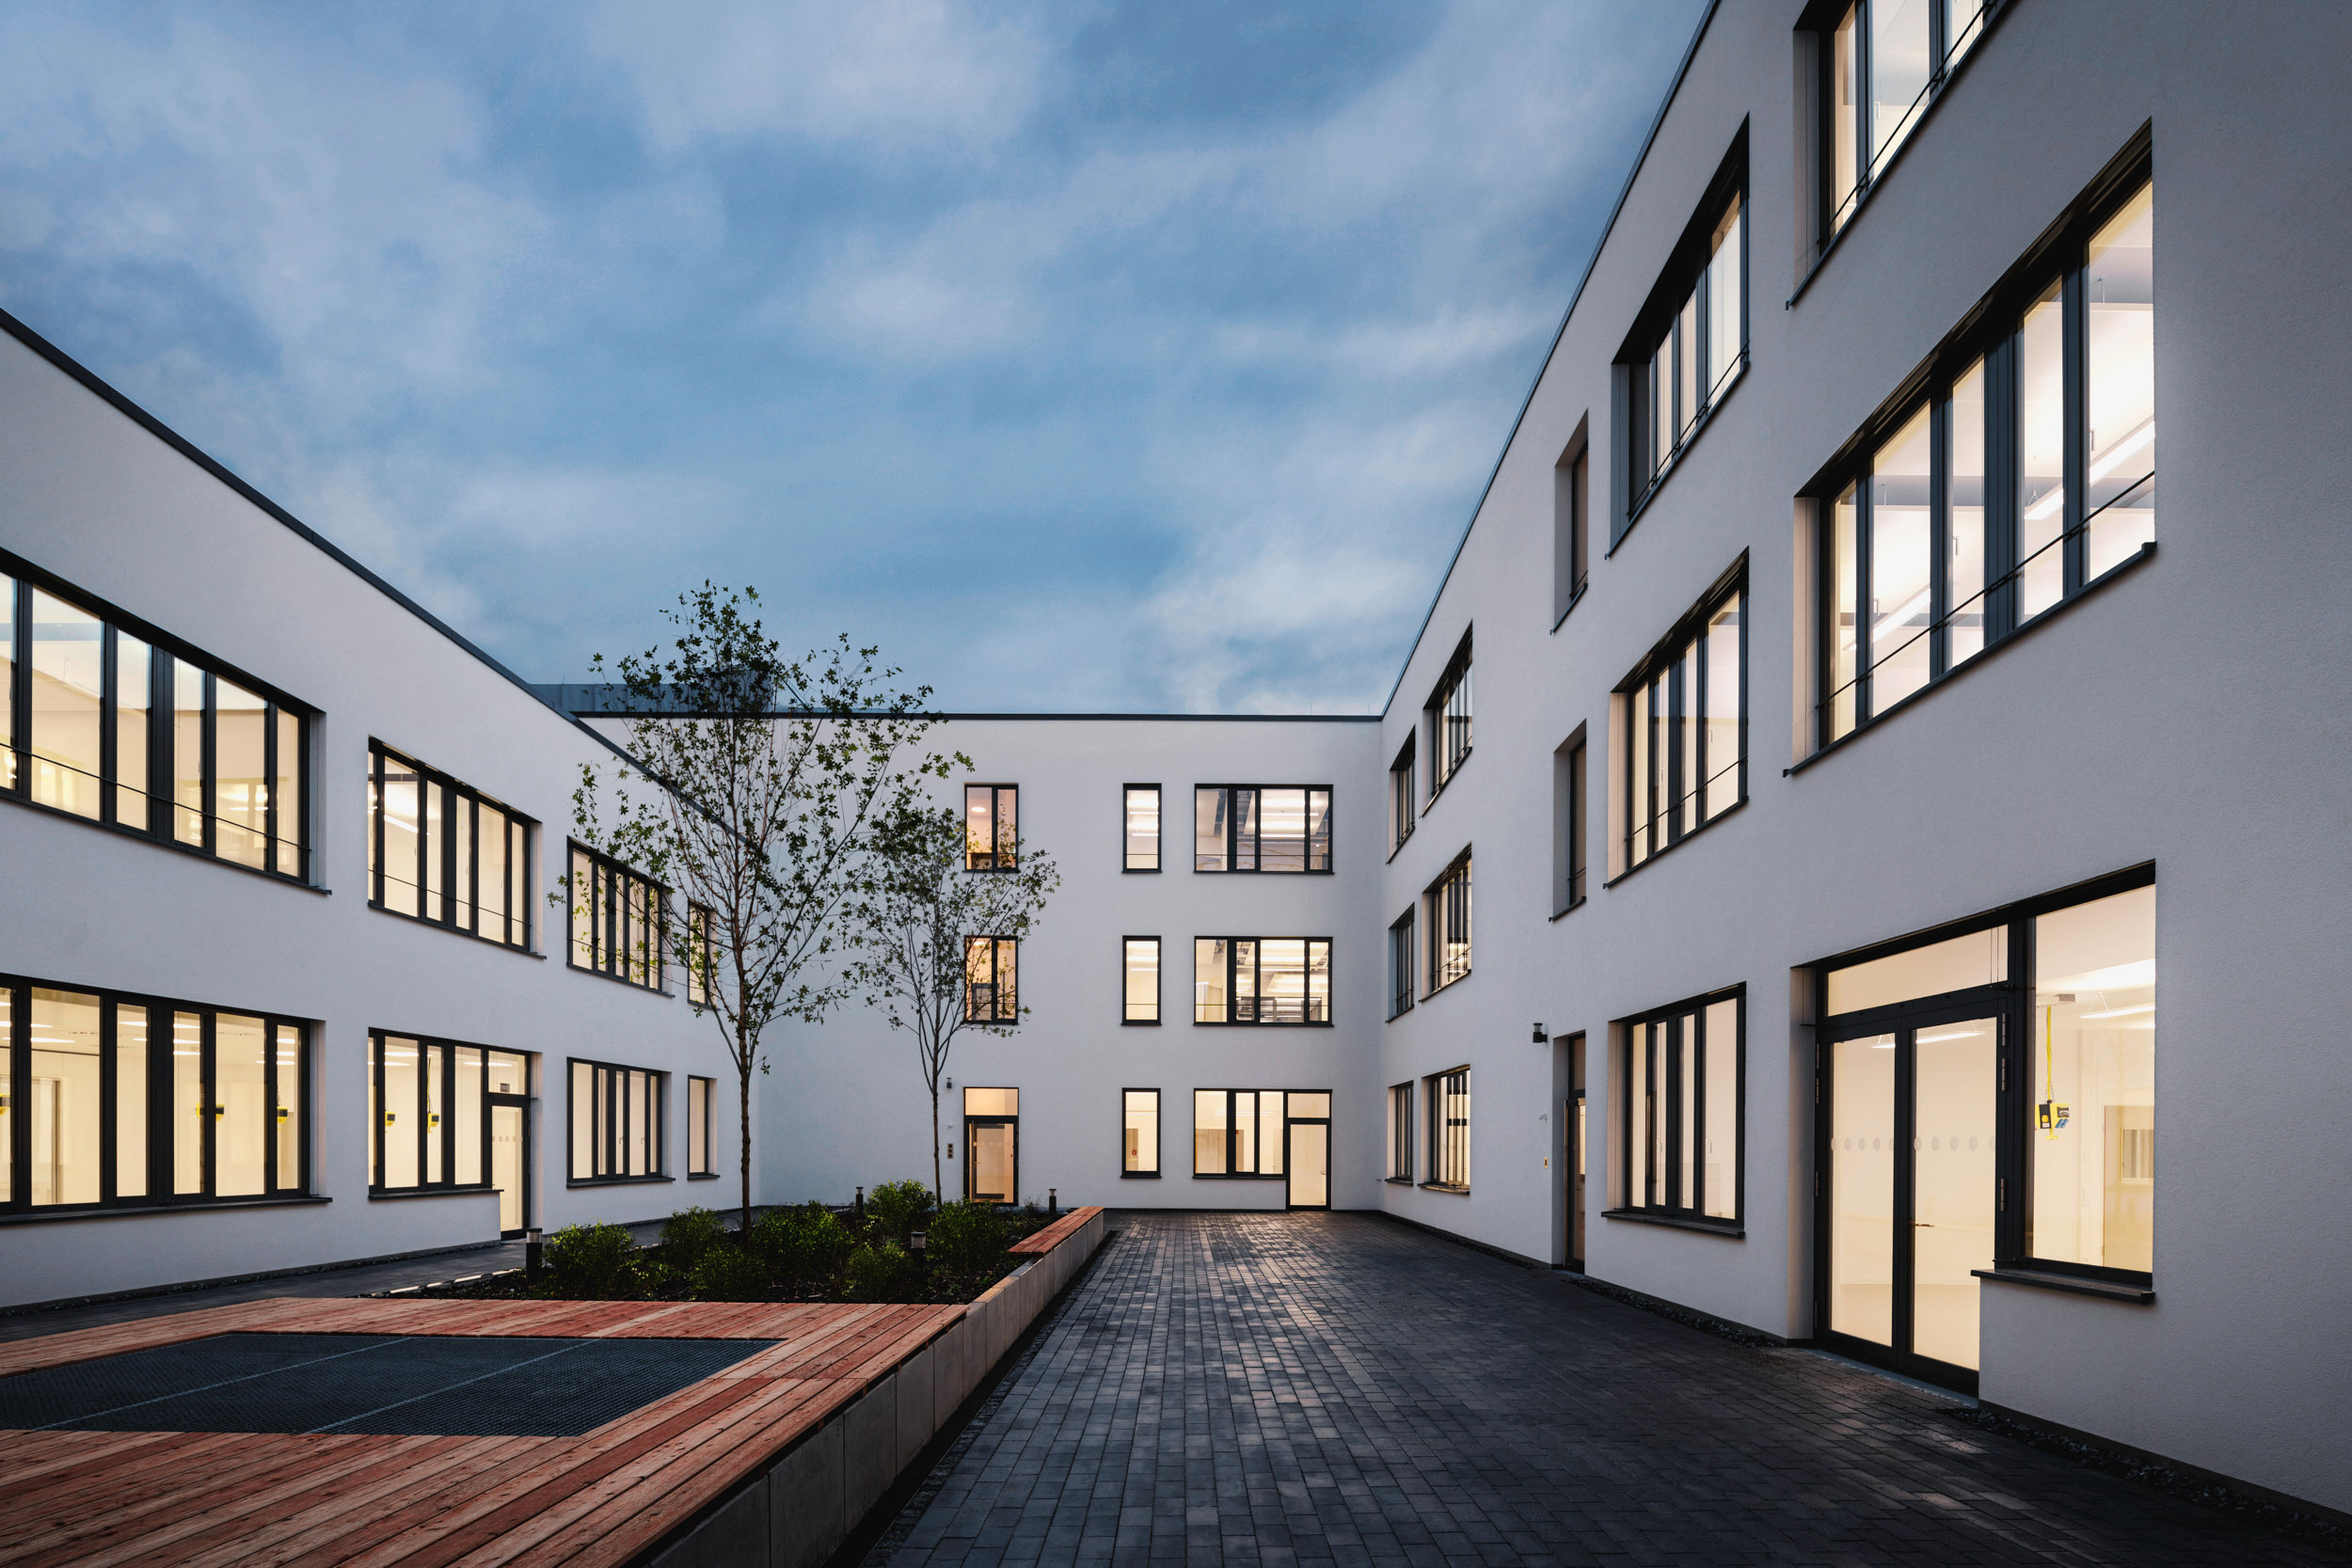 Gustav-Epple-Bauunternehmung-Astyx-München_MLZ9458